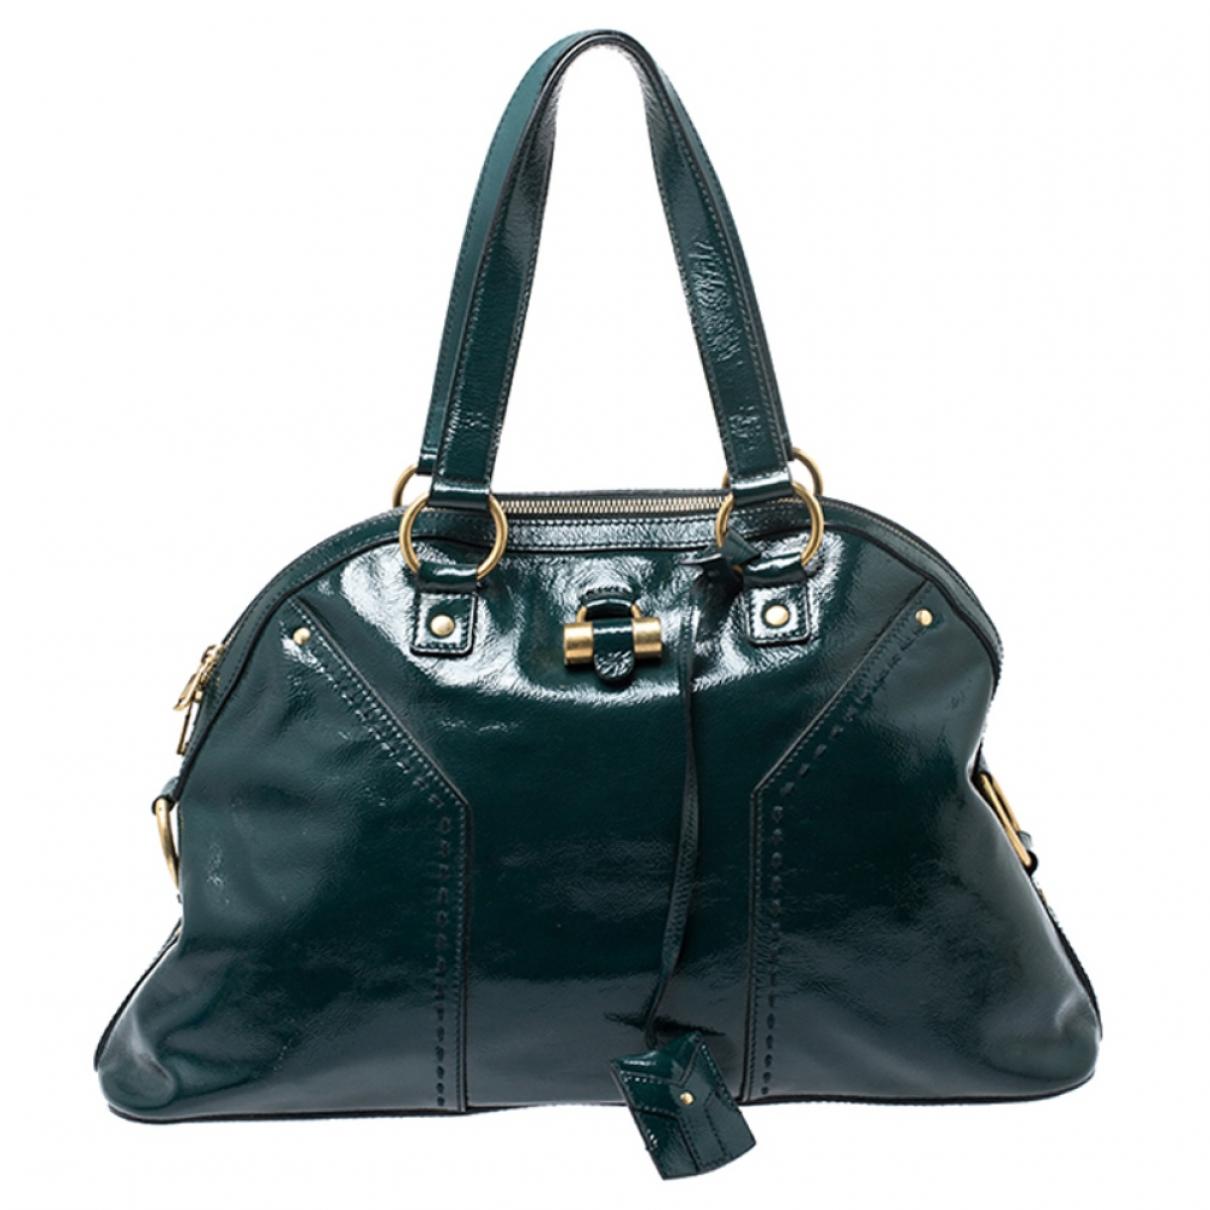 Saint Laurent \N Green Leather handbag for Women \N